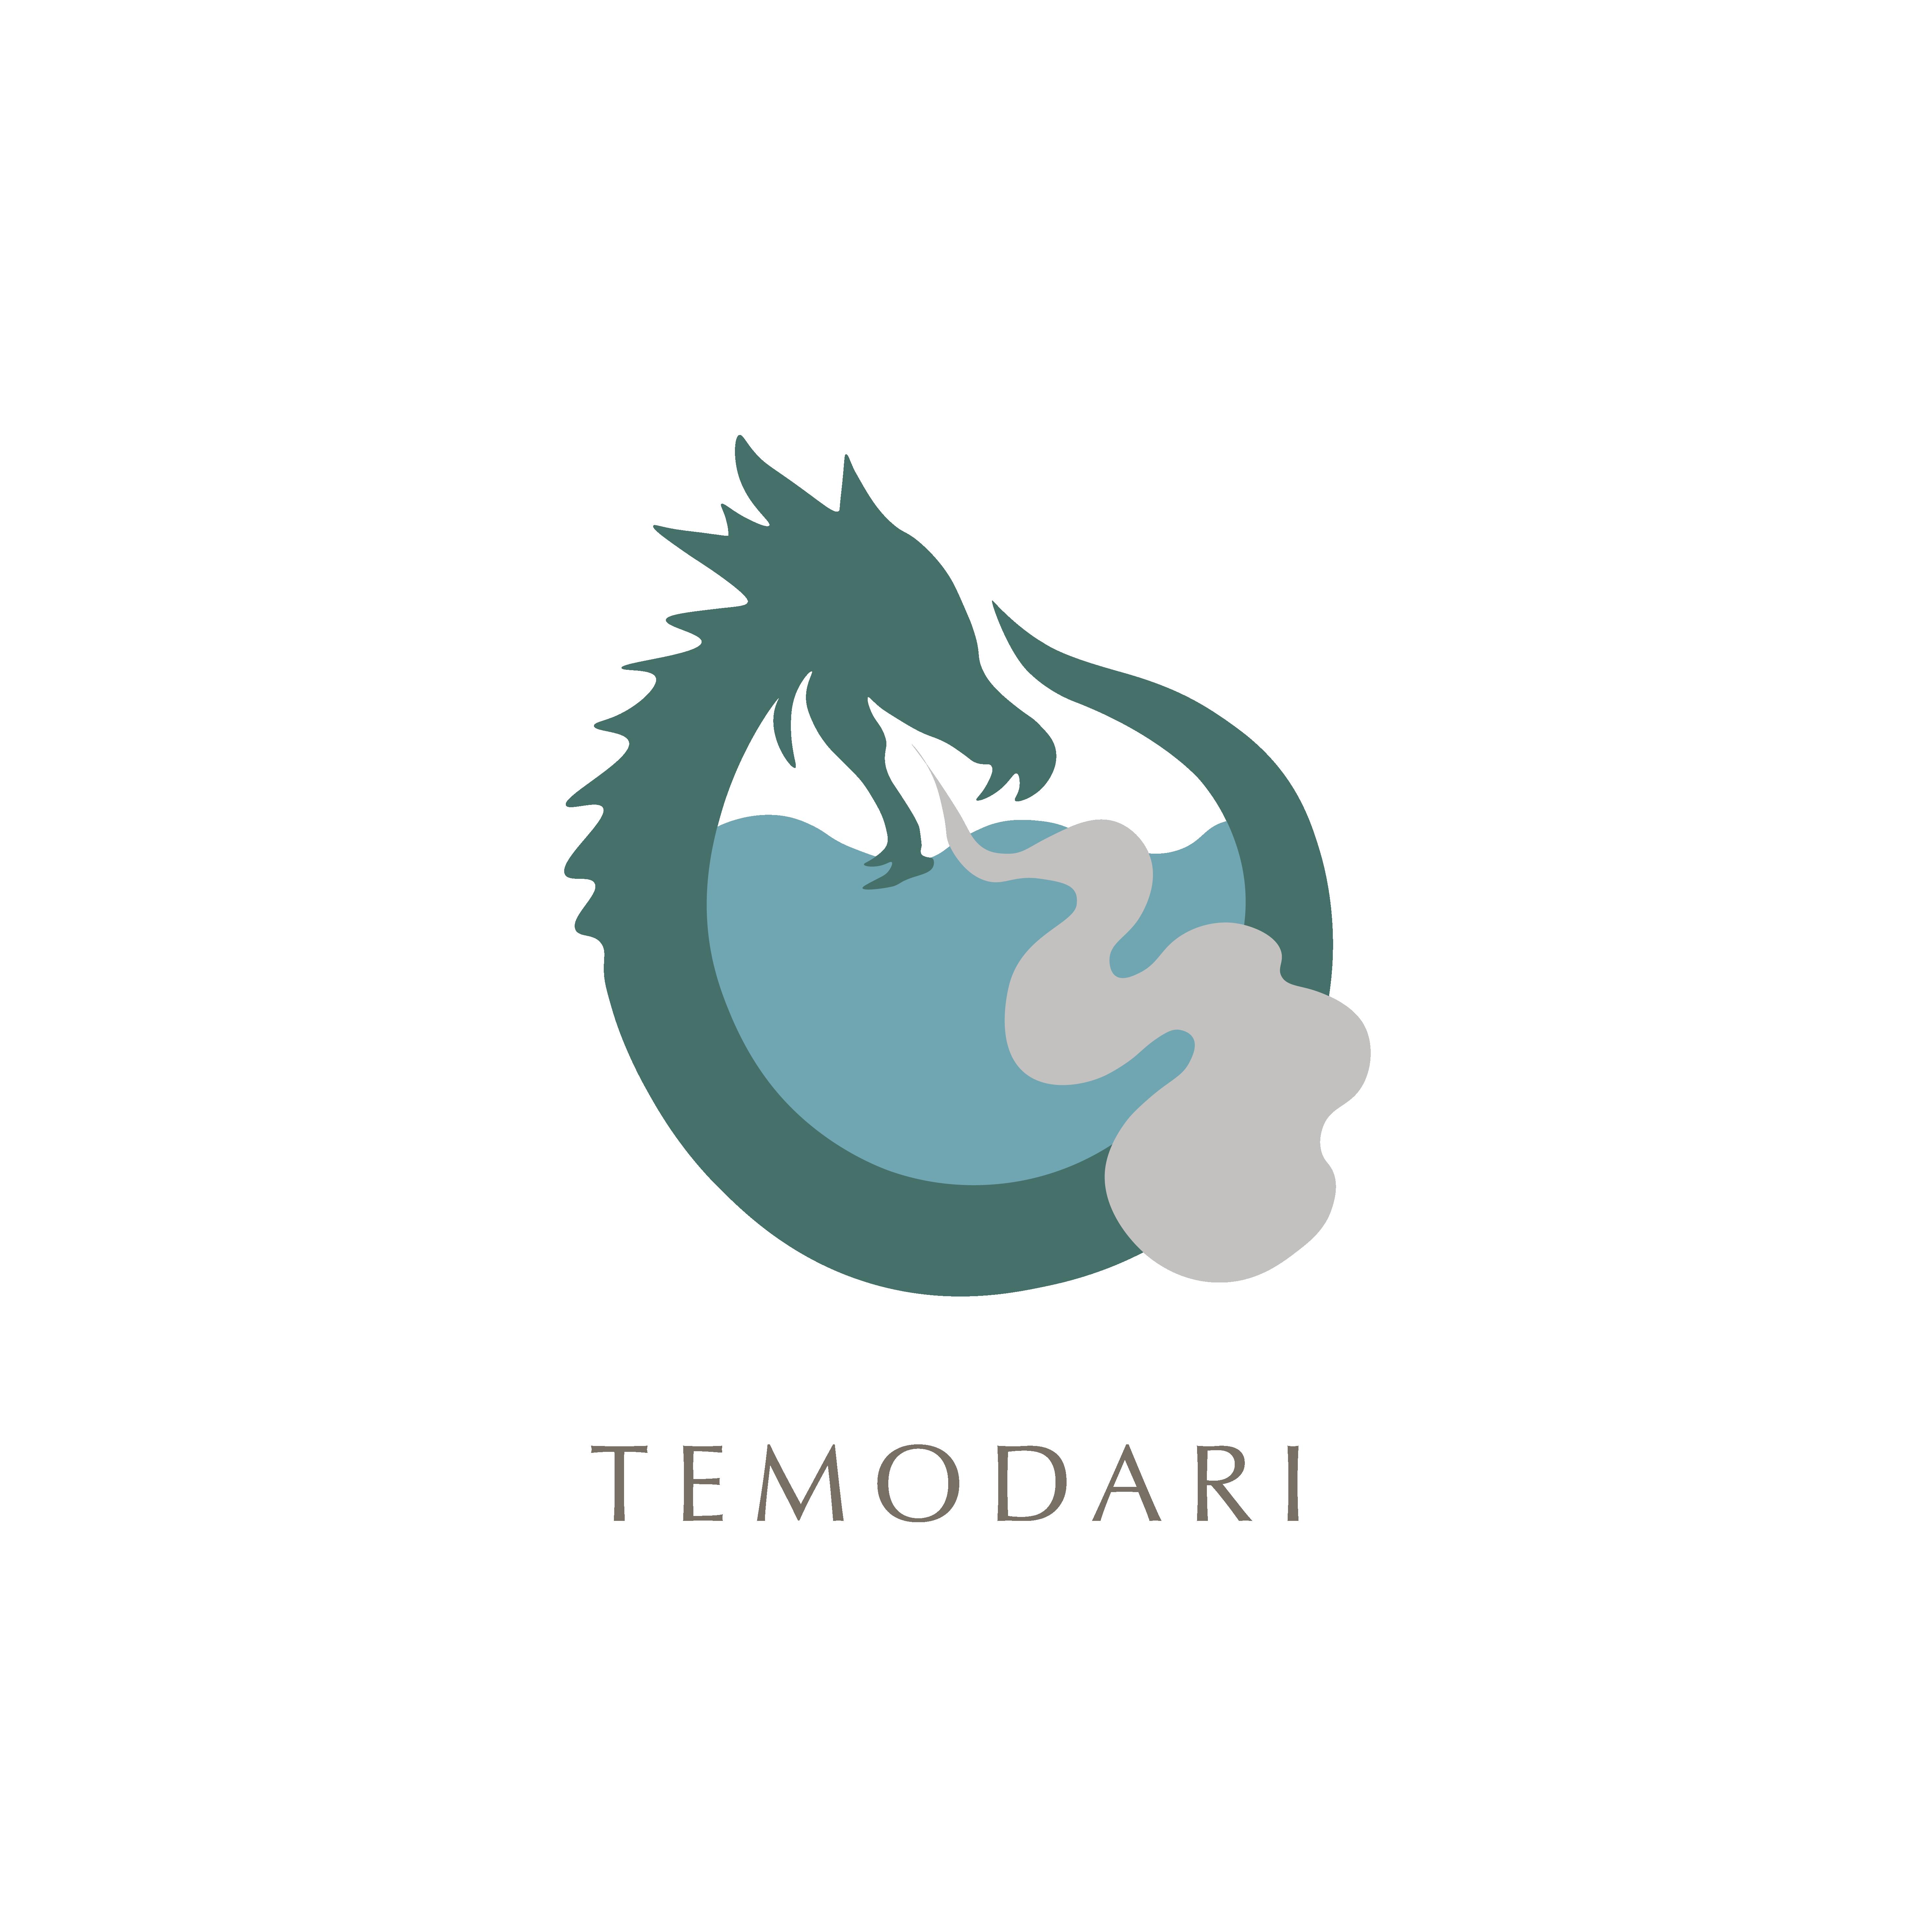 temodari transparant-09.png